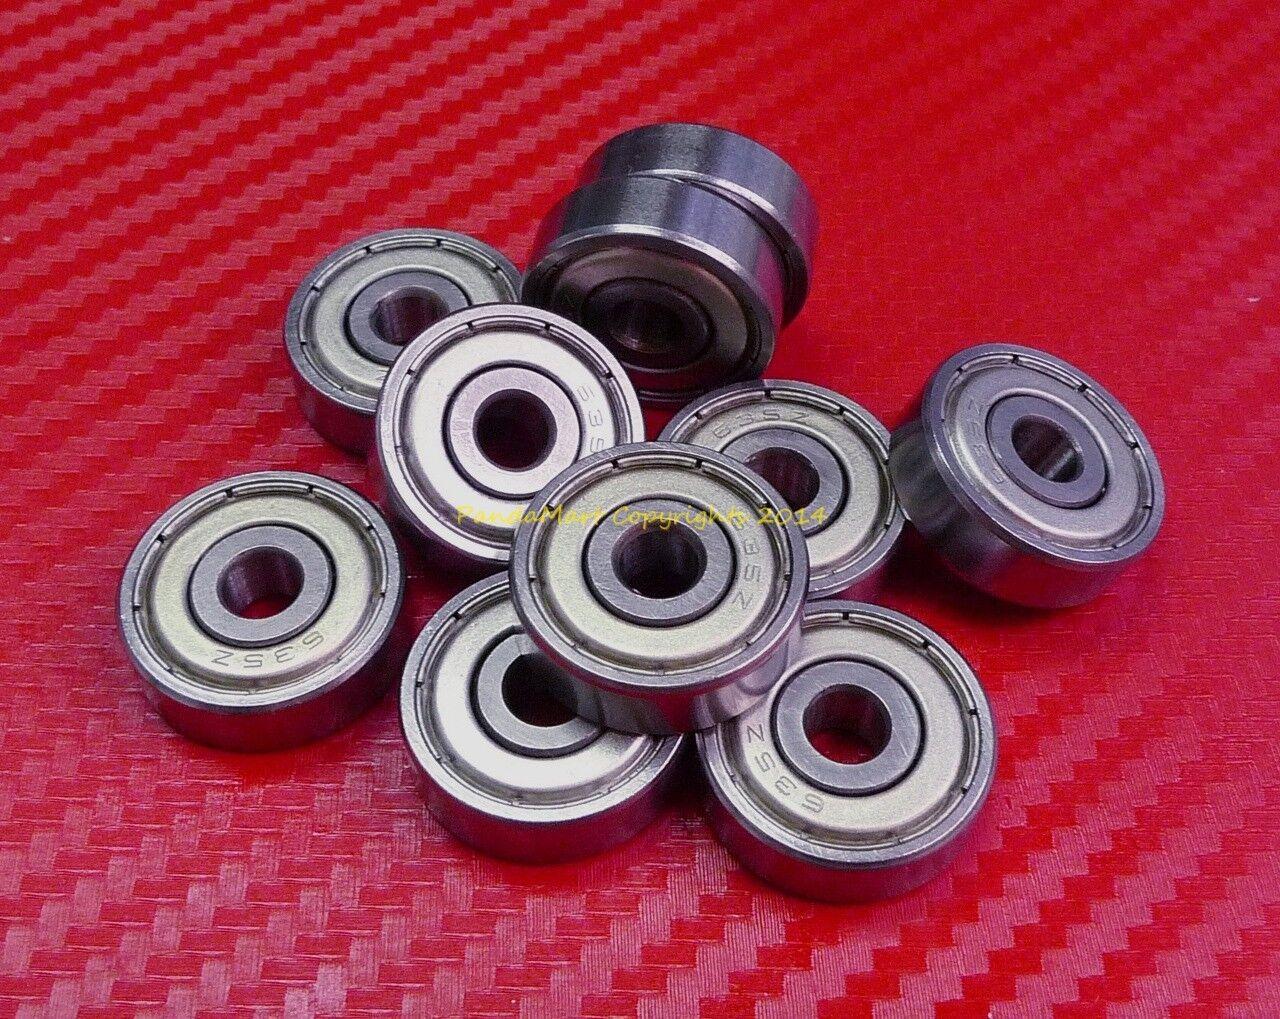 Doppel Metall Geschirmt Kugellager 0.5cm X 1cm X 0.3cm 10 Stück R166zz